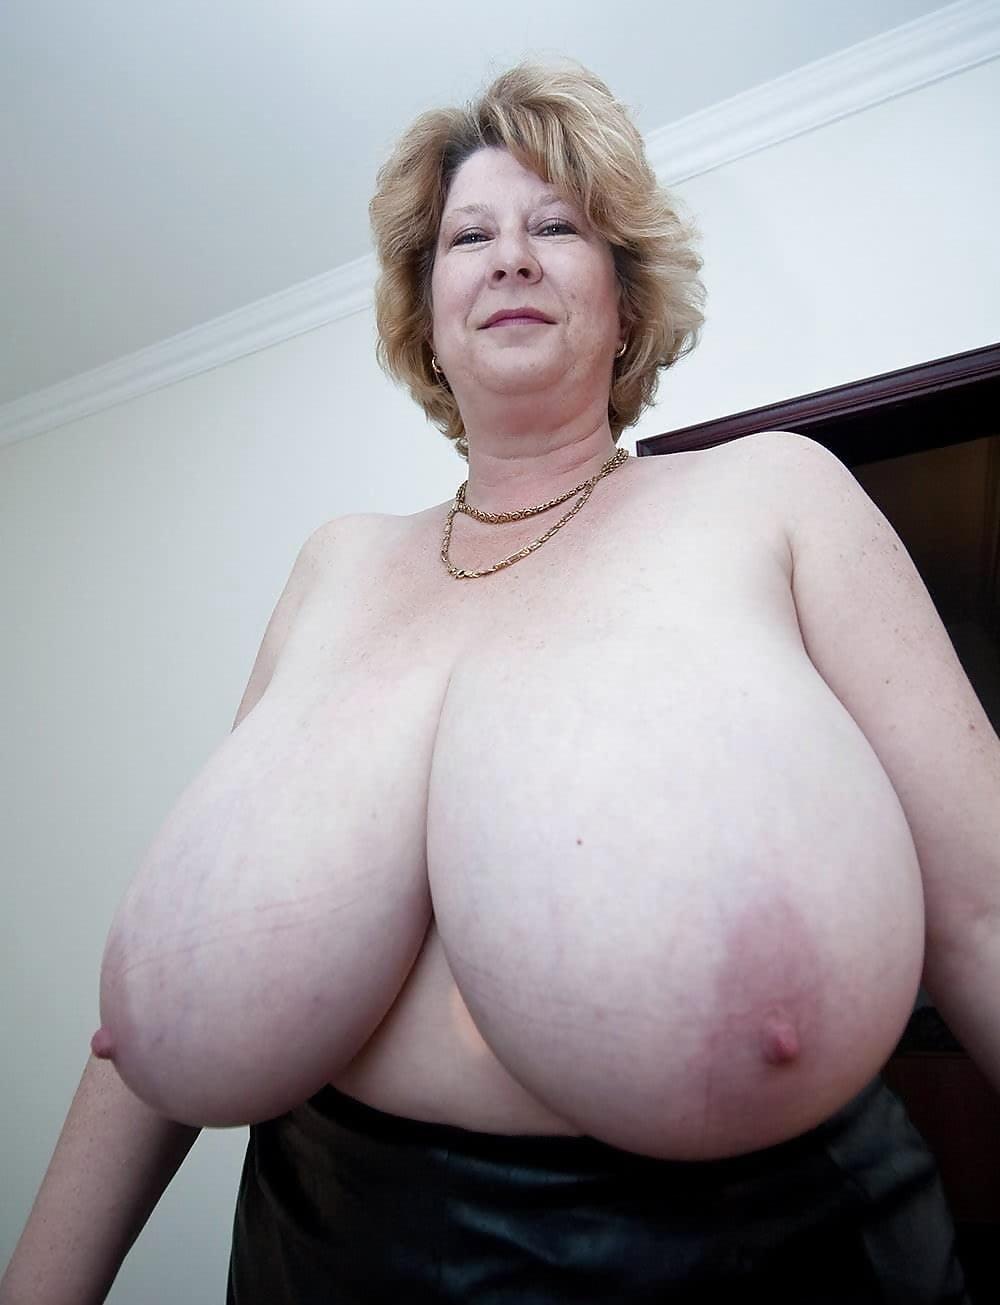 Онлайн смотреть голых пожилых баб с большими сисярами, шикарной блондинке вылизали